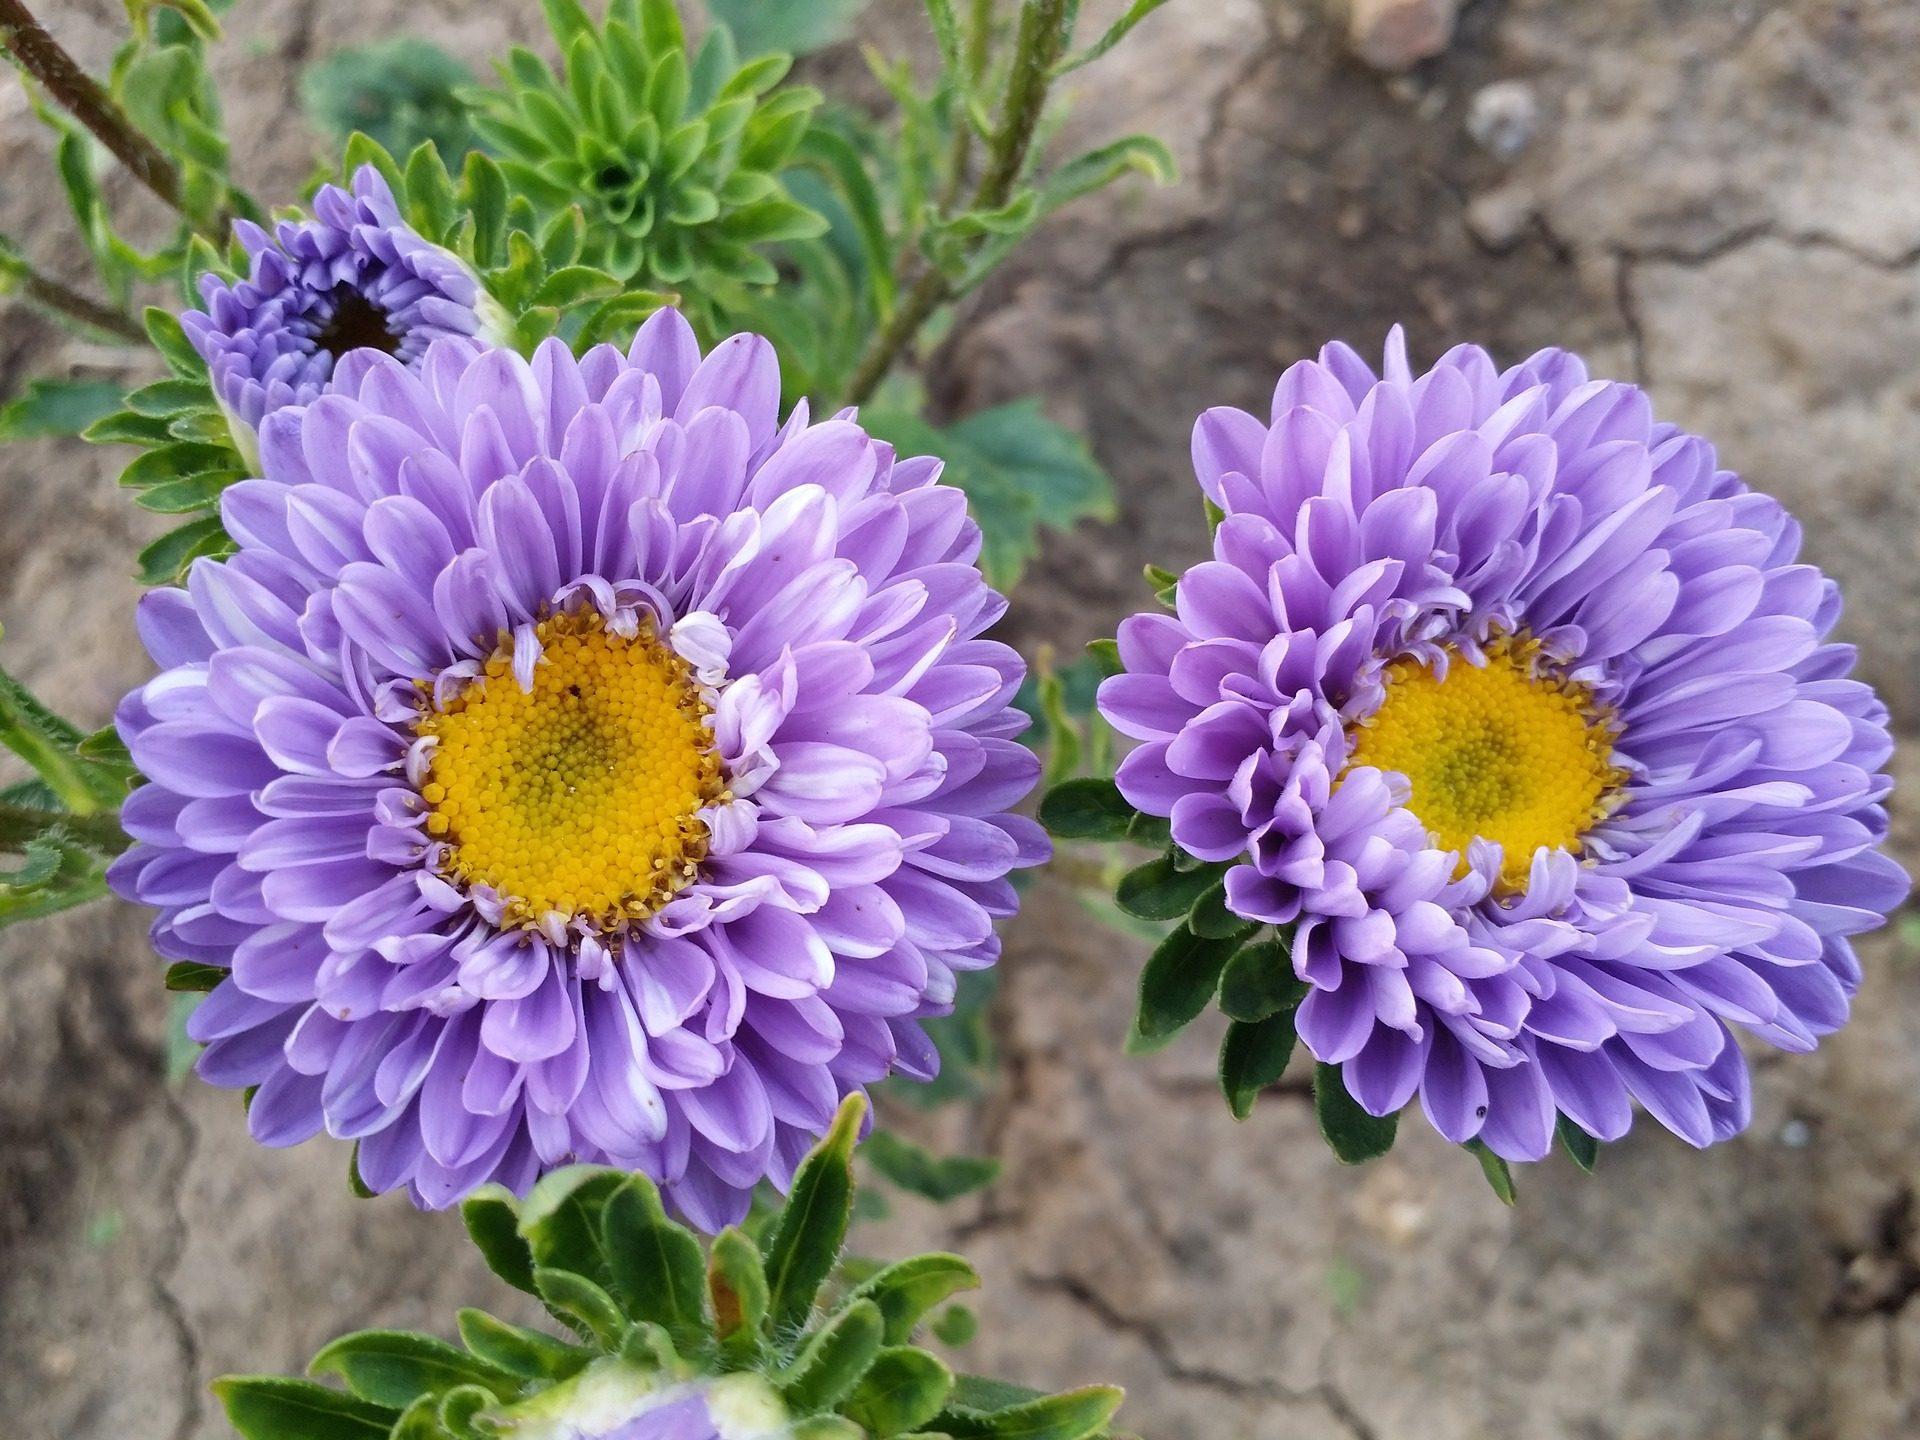 الزهور, تلات, الكمية, أرجواني, الميدان, حديقة - خلفيات عالية الدقة - أستاذ falken.com